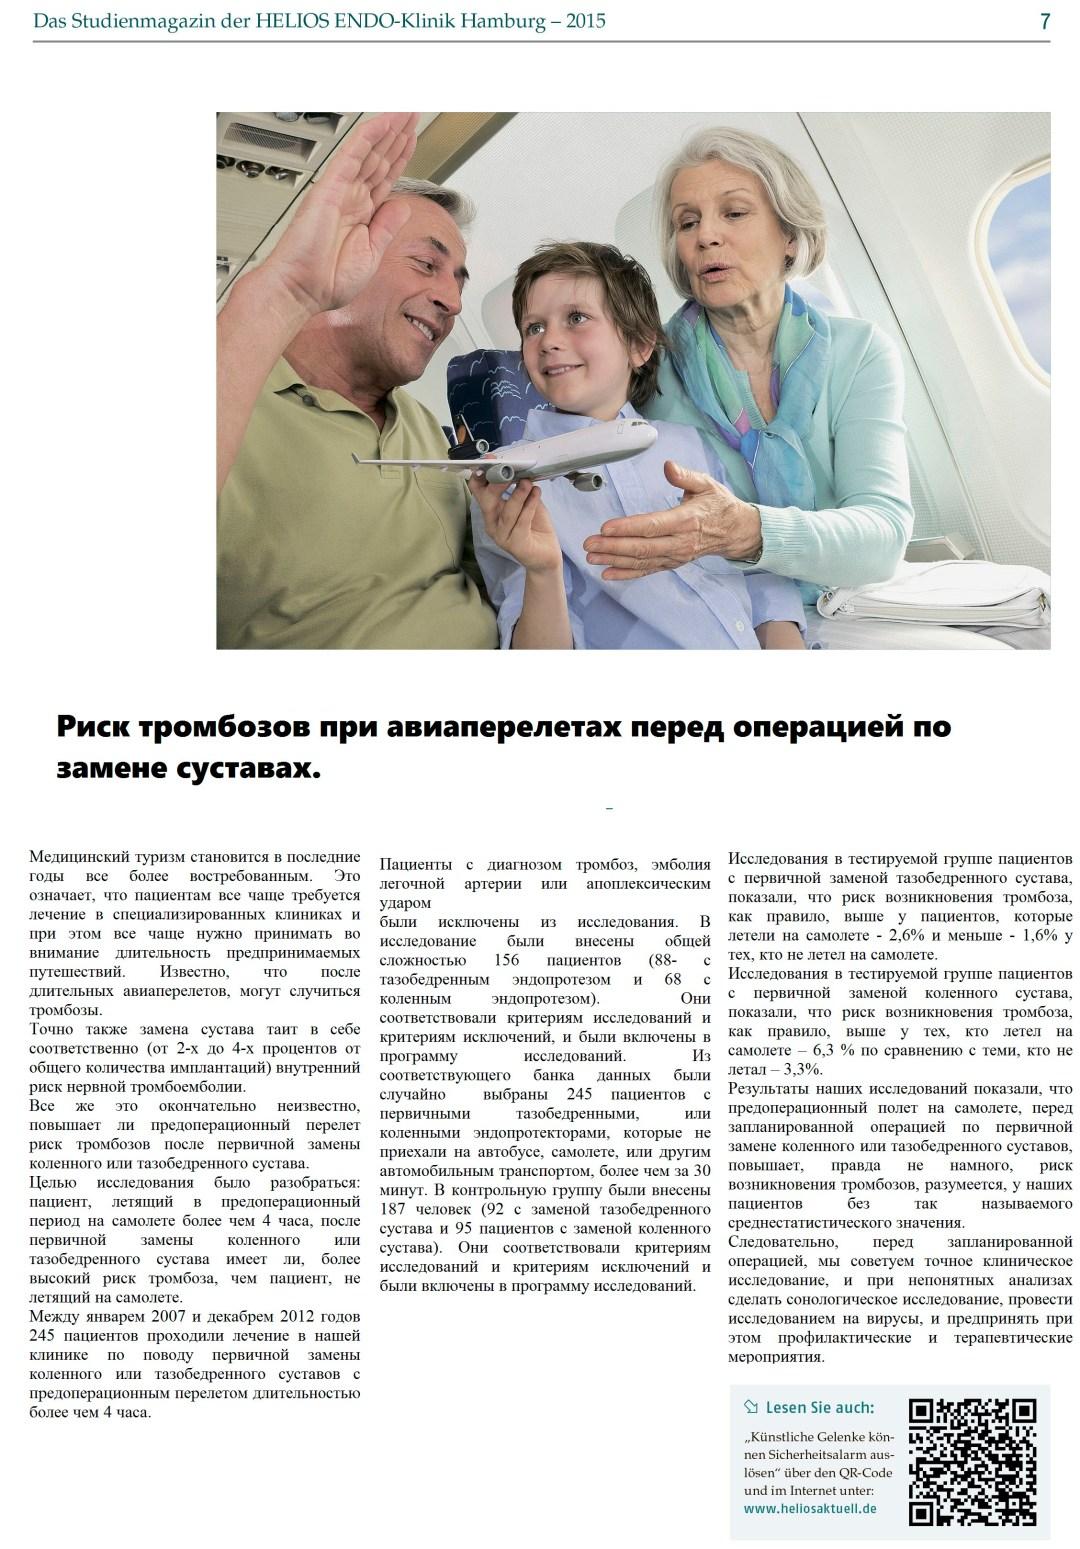 150512_Zeitungsbeilage_HHE_Studien_DIN_A4.indd